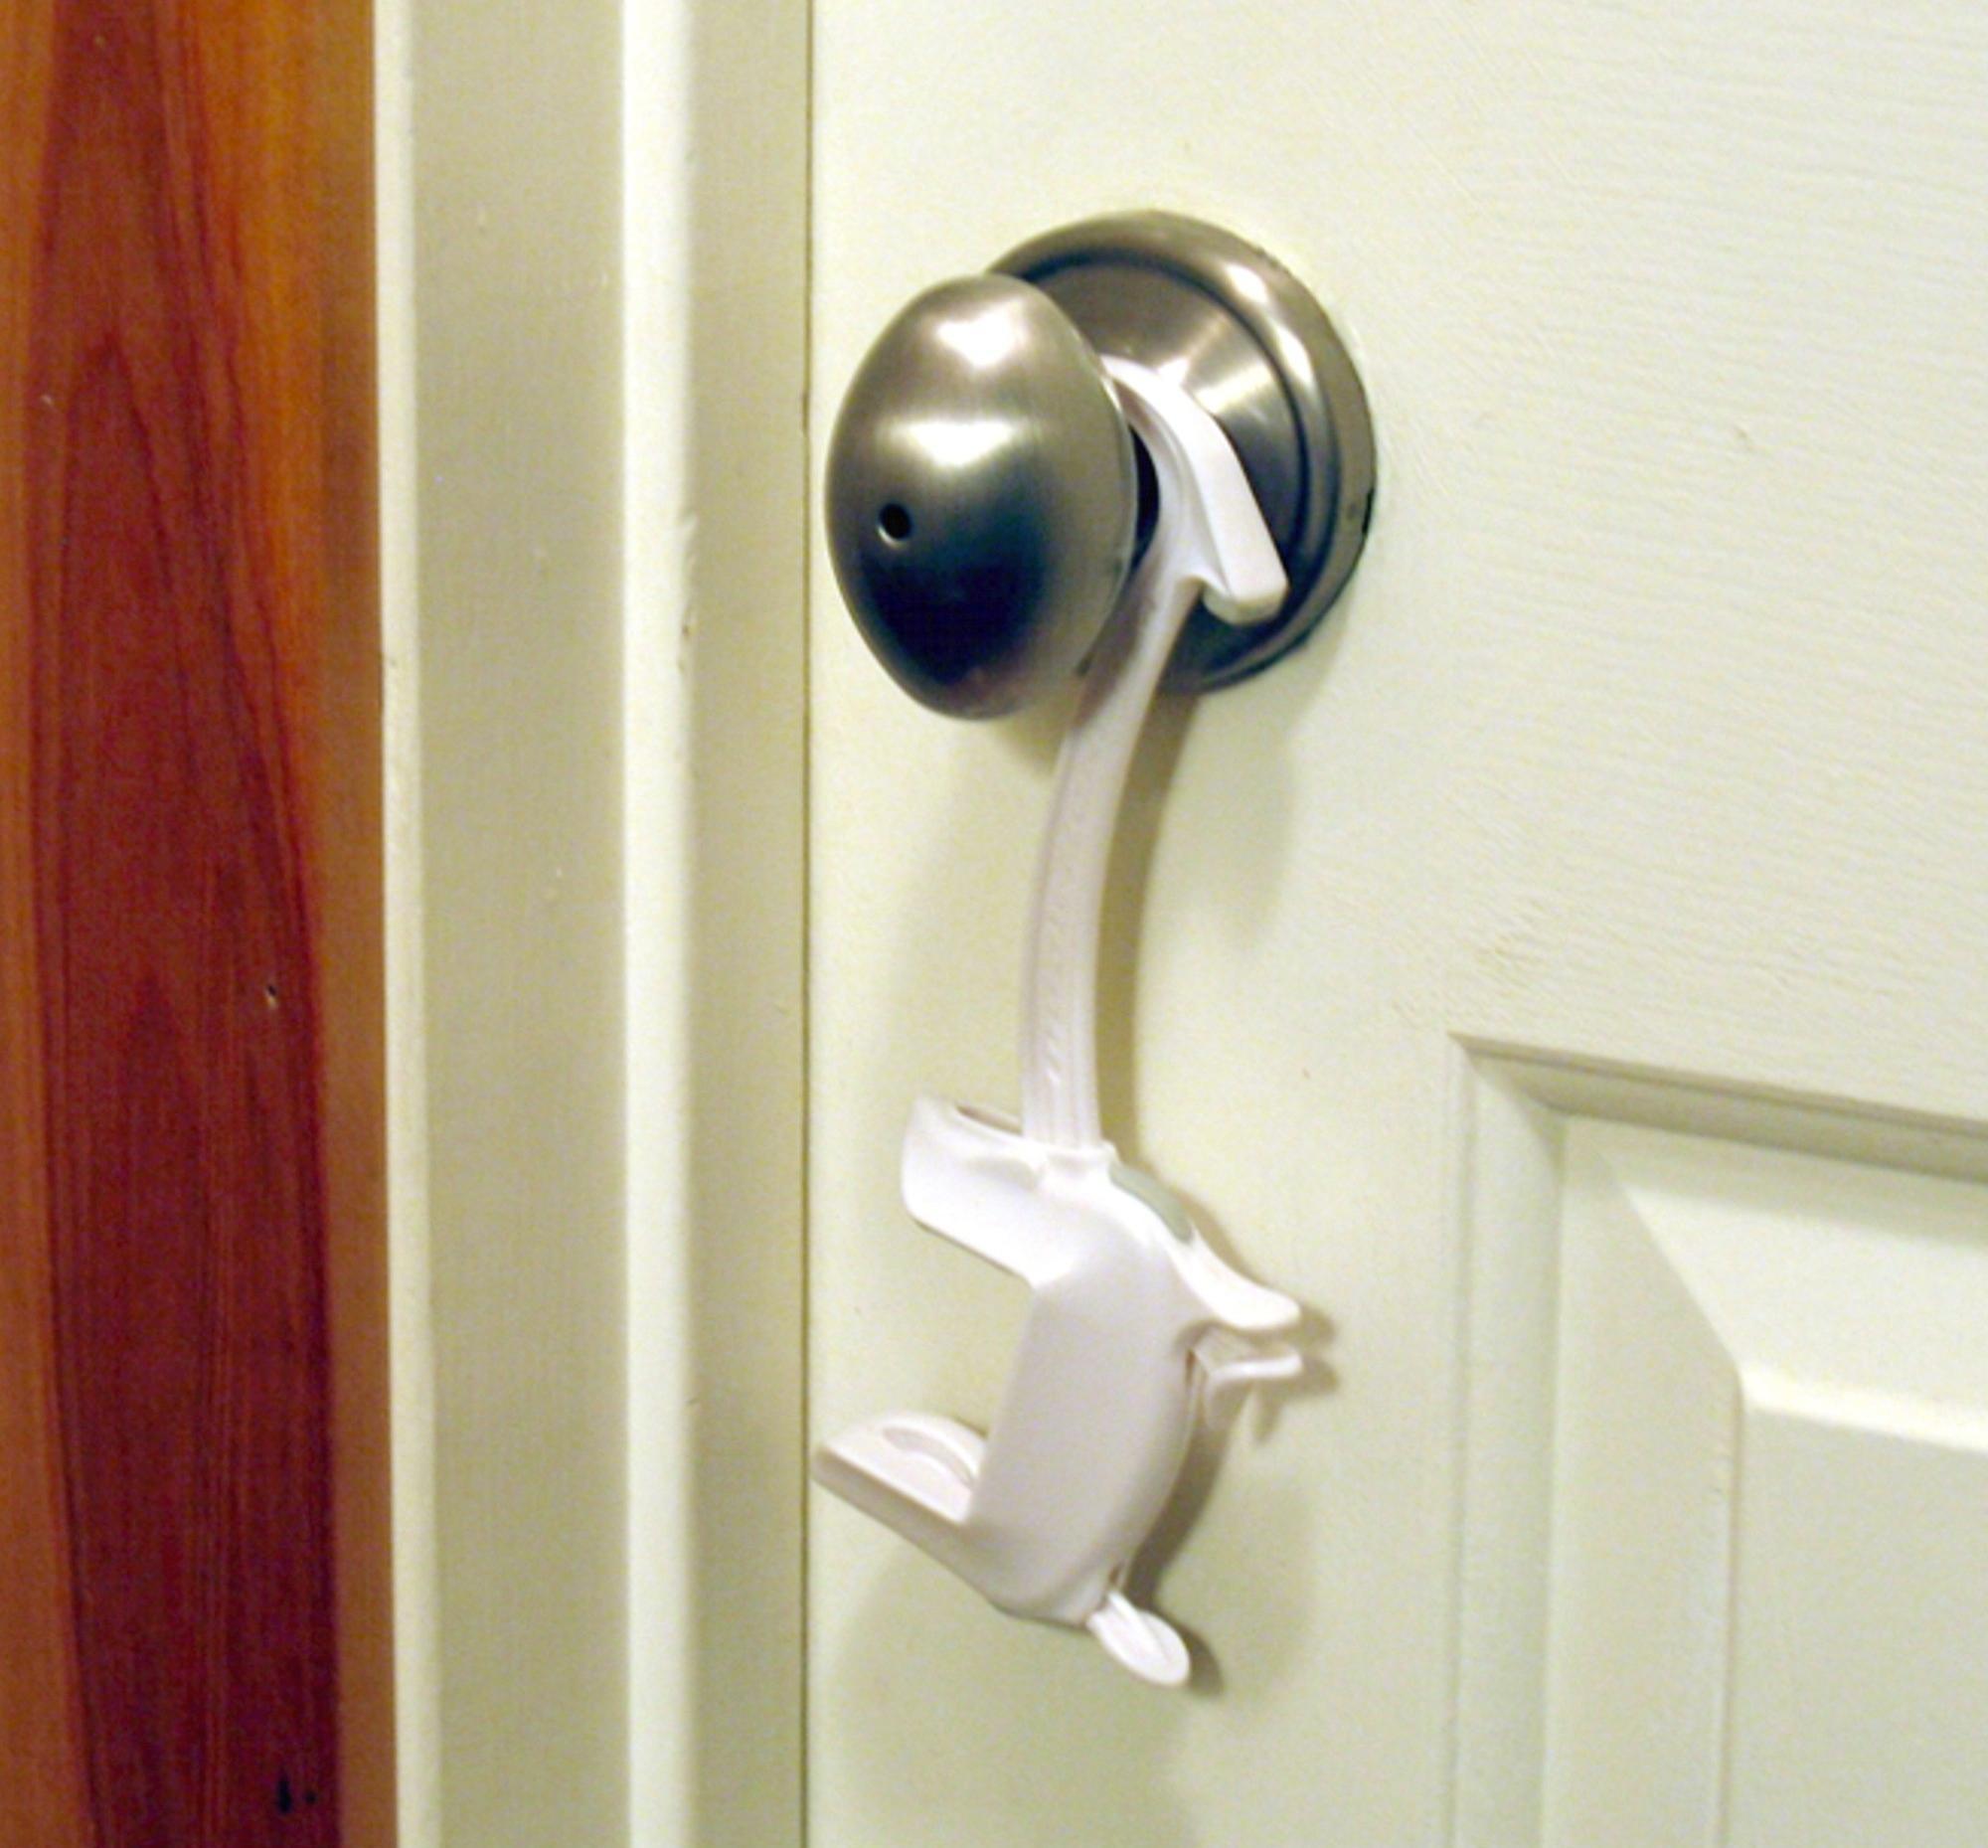 door knob child safety photo - 10